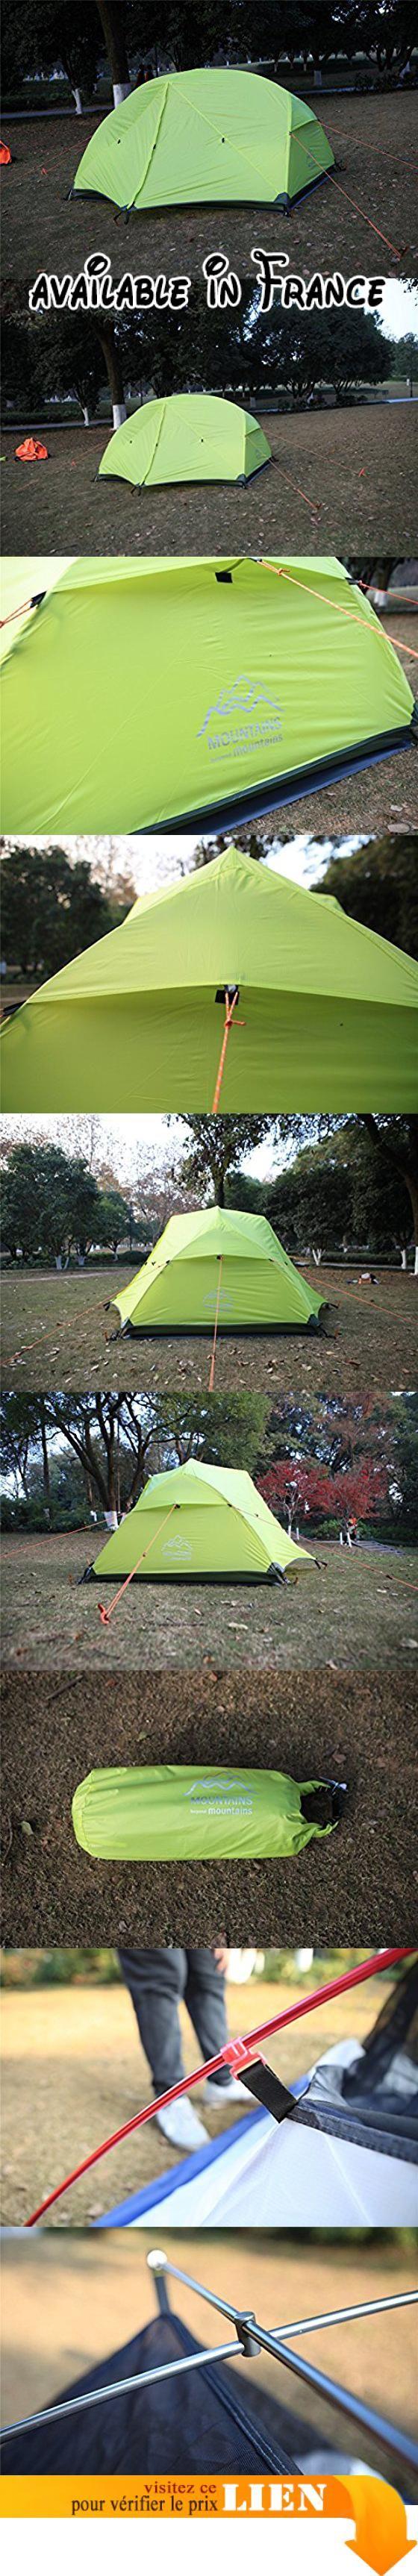 B074DX6C4W : Star Home Indonésie quatre saisons Tente Vert tentes Tente de randonnée en plein air Camping Randonnée tentes pour 4personnes Abri Soleil léger Plage ombrage tentes tentes Tente familiale automatique tentes pour extérieur Activties tourisme. Taille: 210W  (60 140 60)l  115hcm. 1 utilisation: travaux de construction de terrain camping temporaire les lieux de formation sport et lieux de divertissement de sauvetage de secours d'urgence